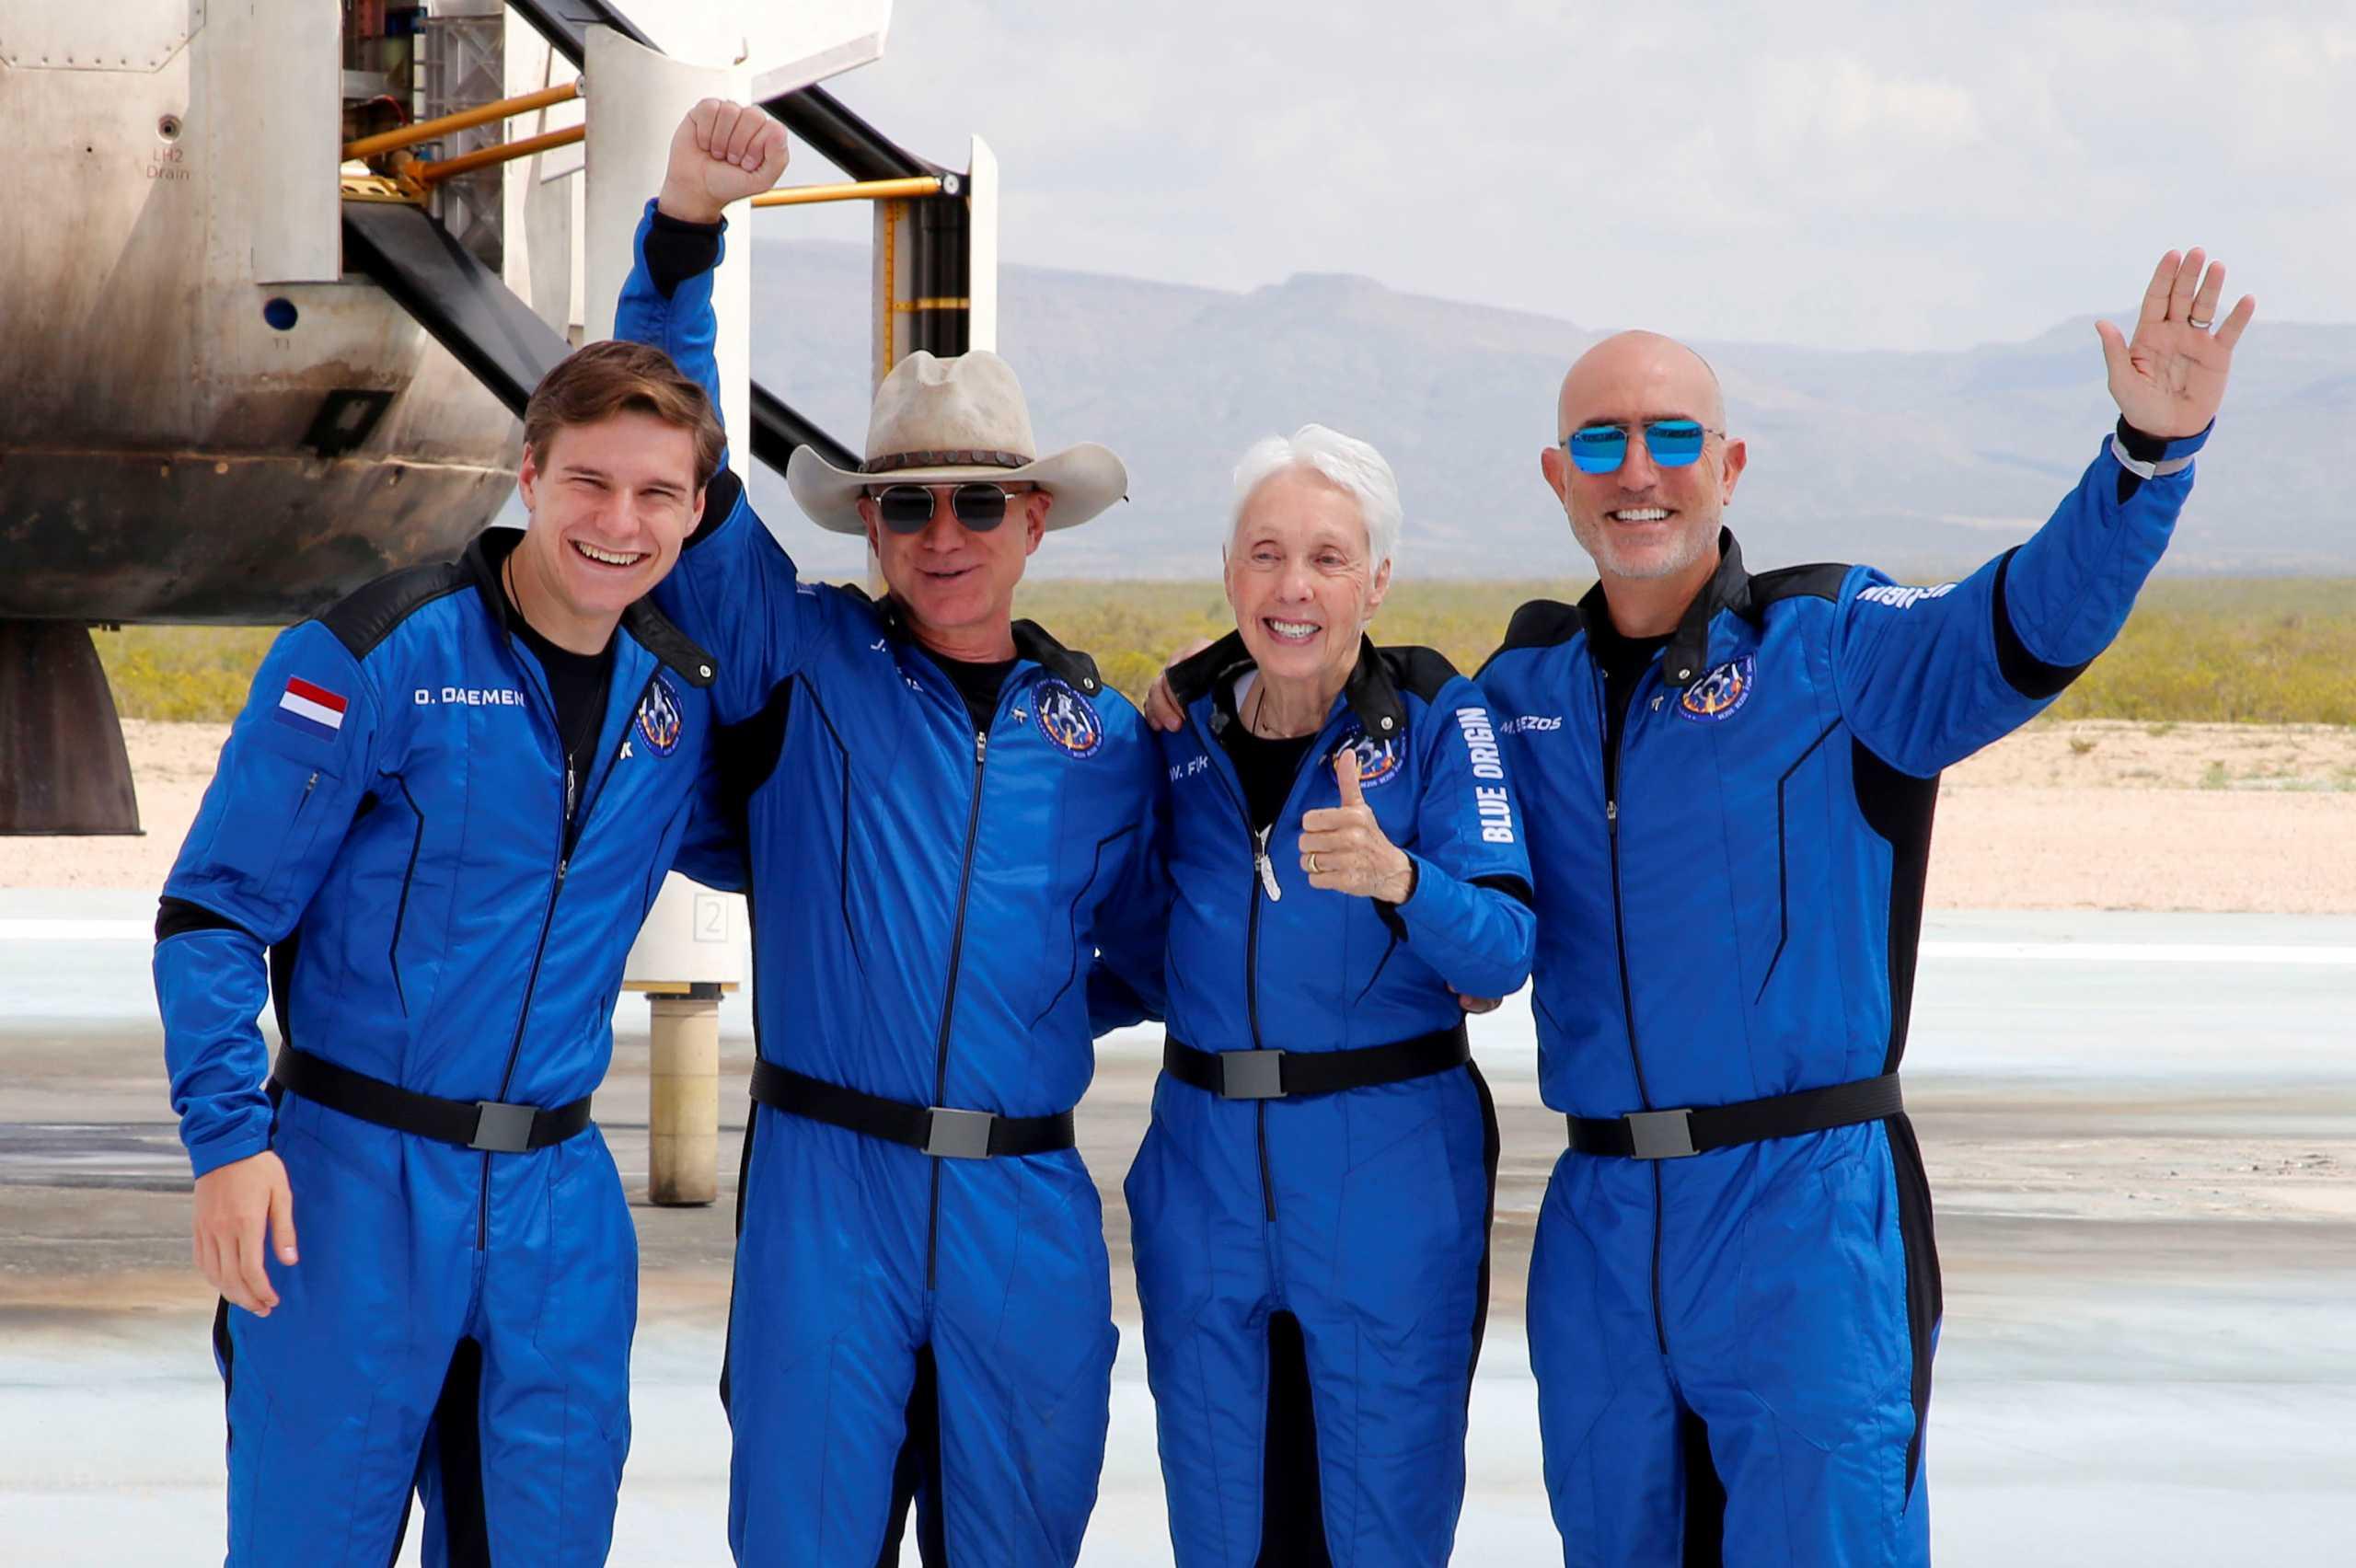 Τζεφ Μπέζος: Έμεινε «άναυδος» από το ταξίδι του στο Διάστημα – Τι τον μάγεψε